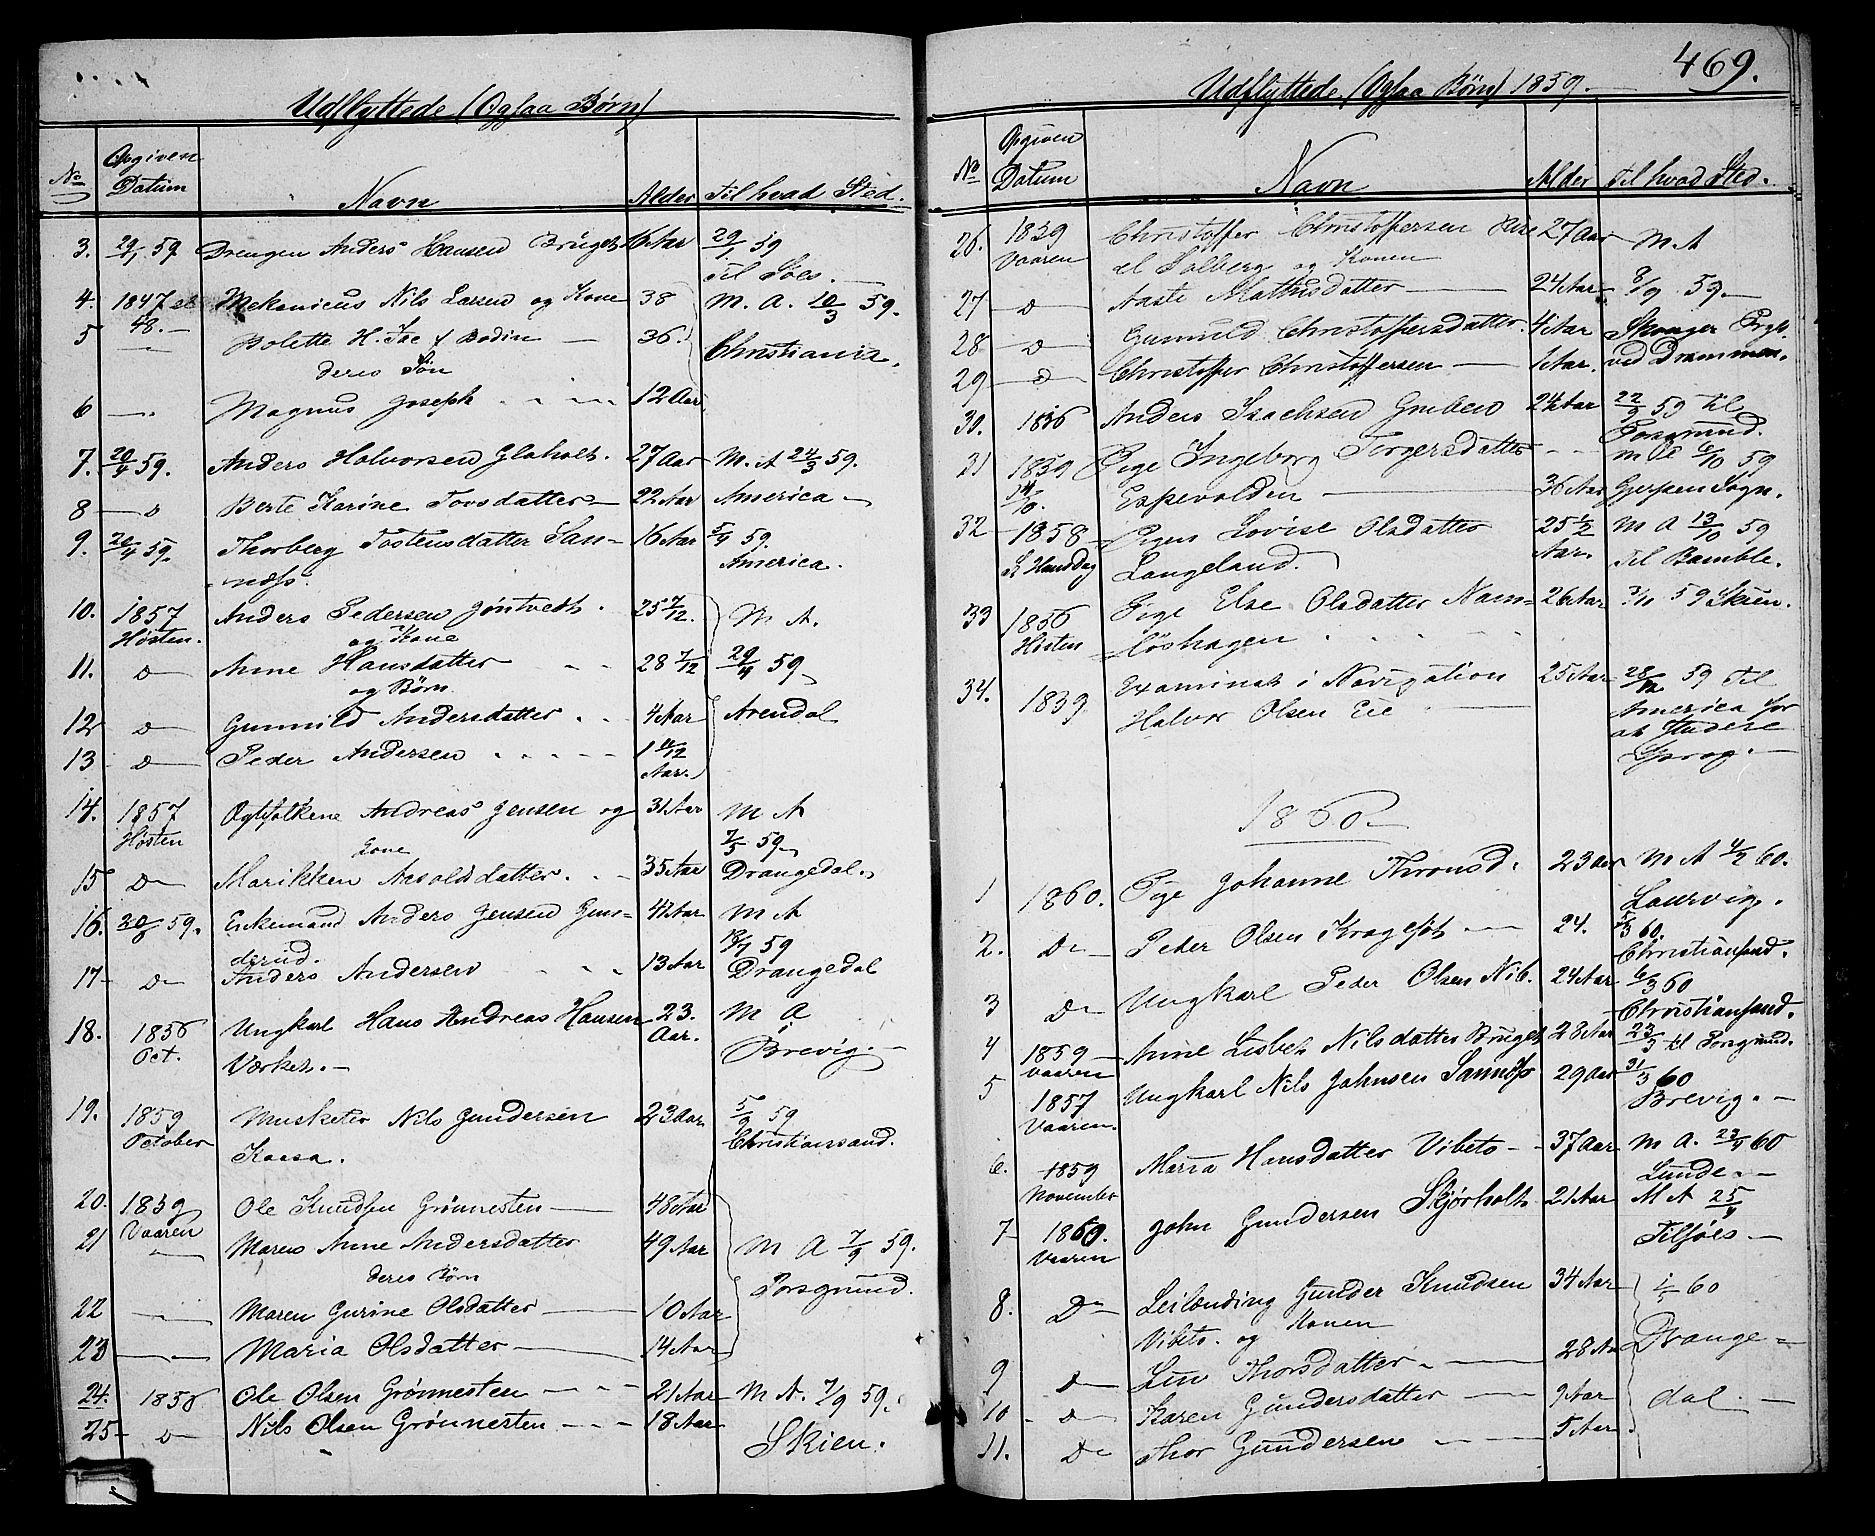 SAKO, Holla kirkebøker, G/Ga/L0003: Klokkerbok nr. I 3, 1849-1866, s. 469